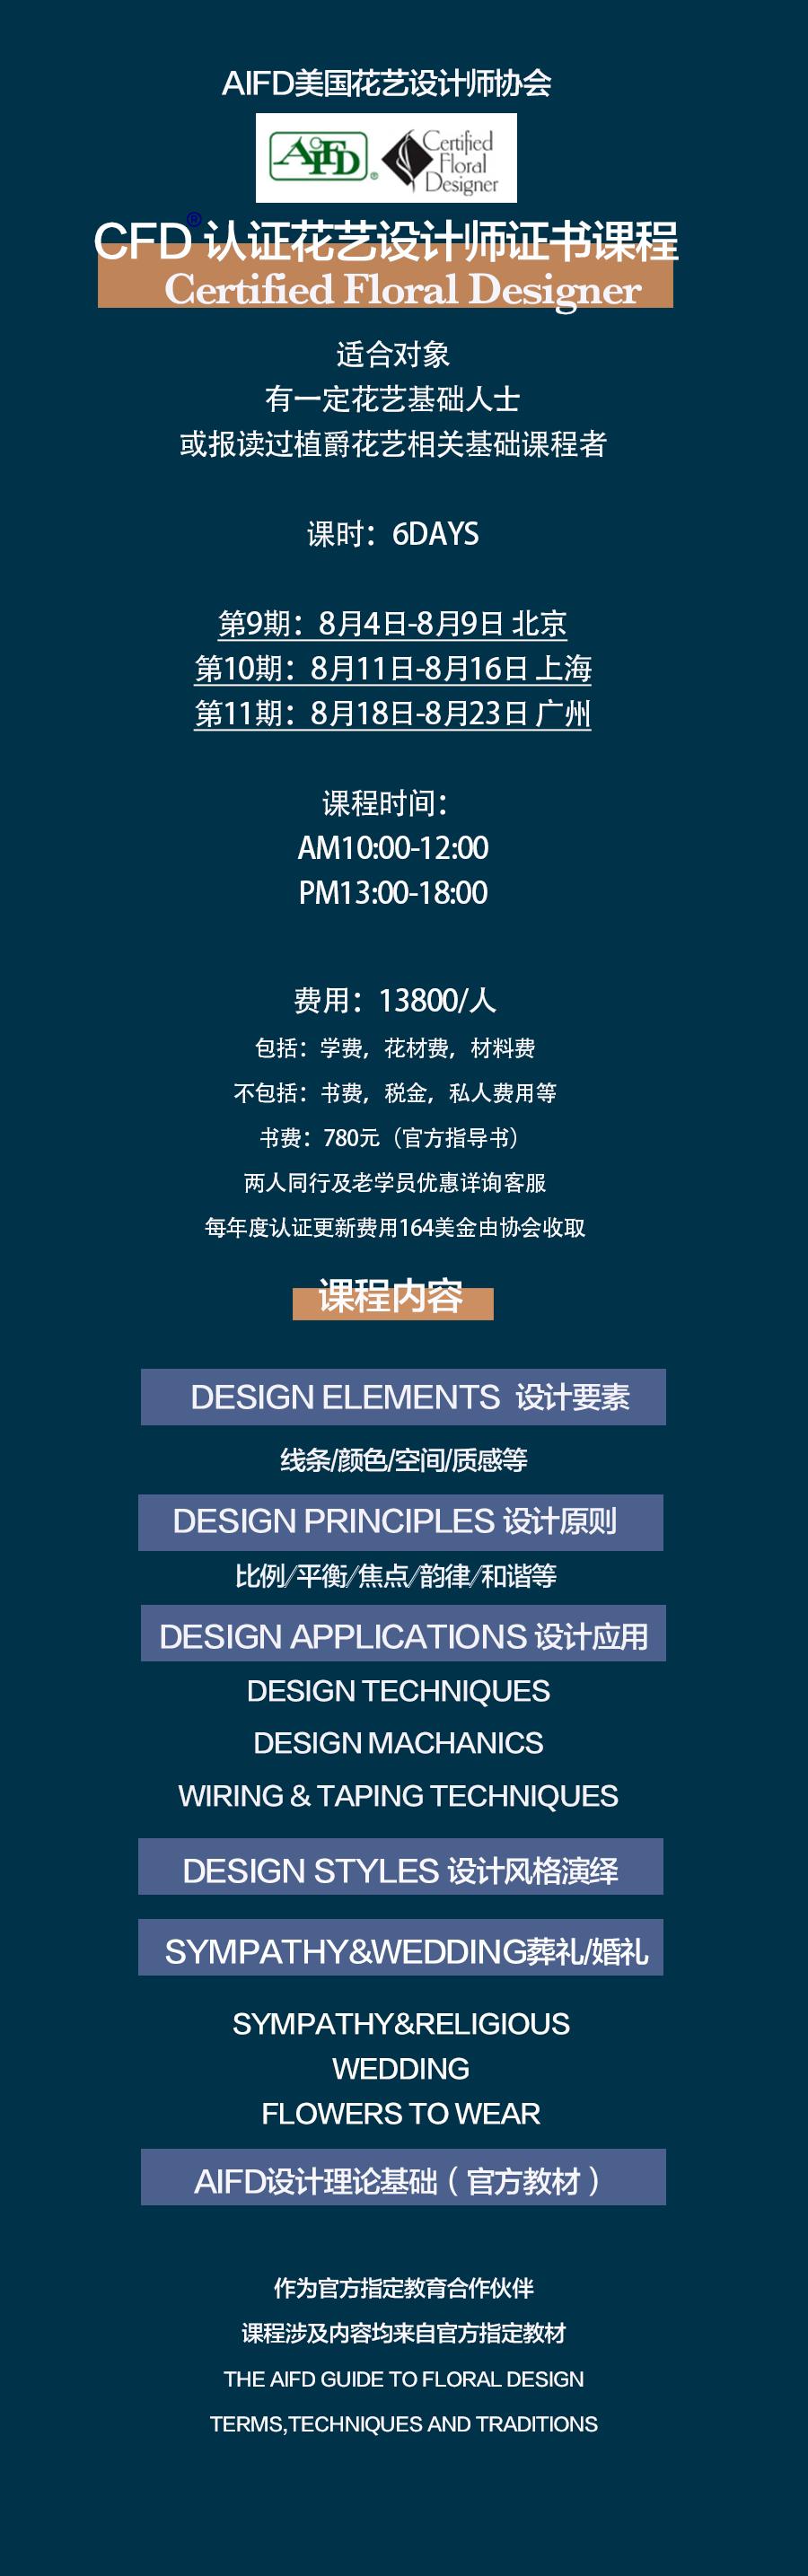 國際認證|cfd認證花藝設計師證書課程2020